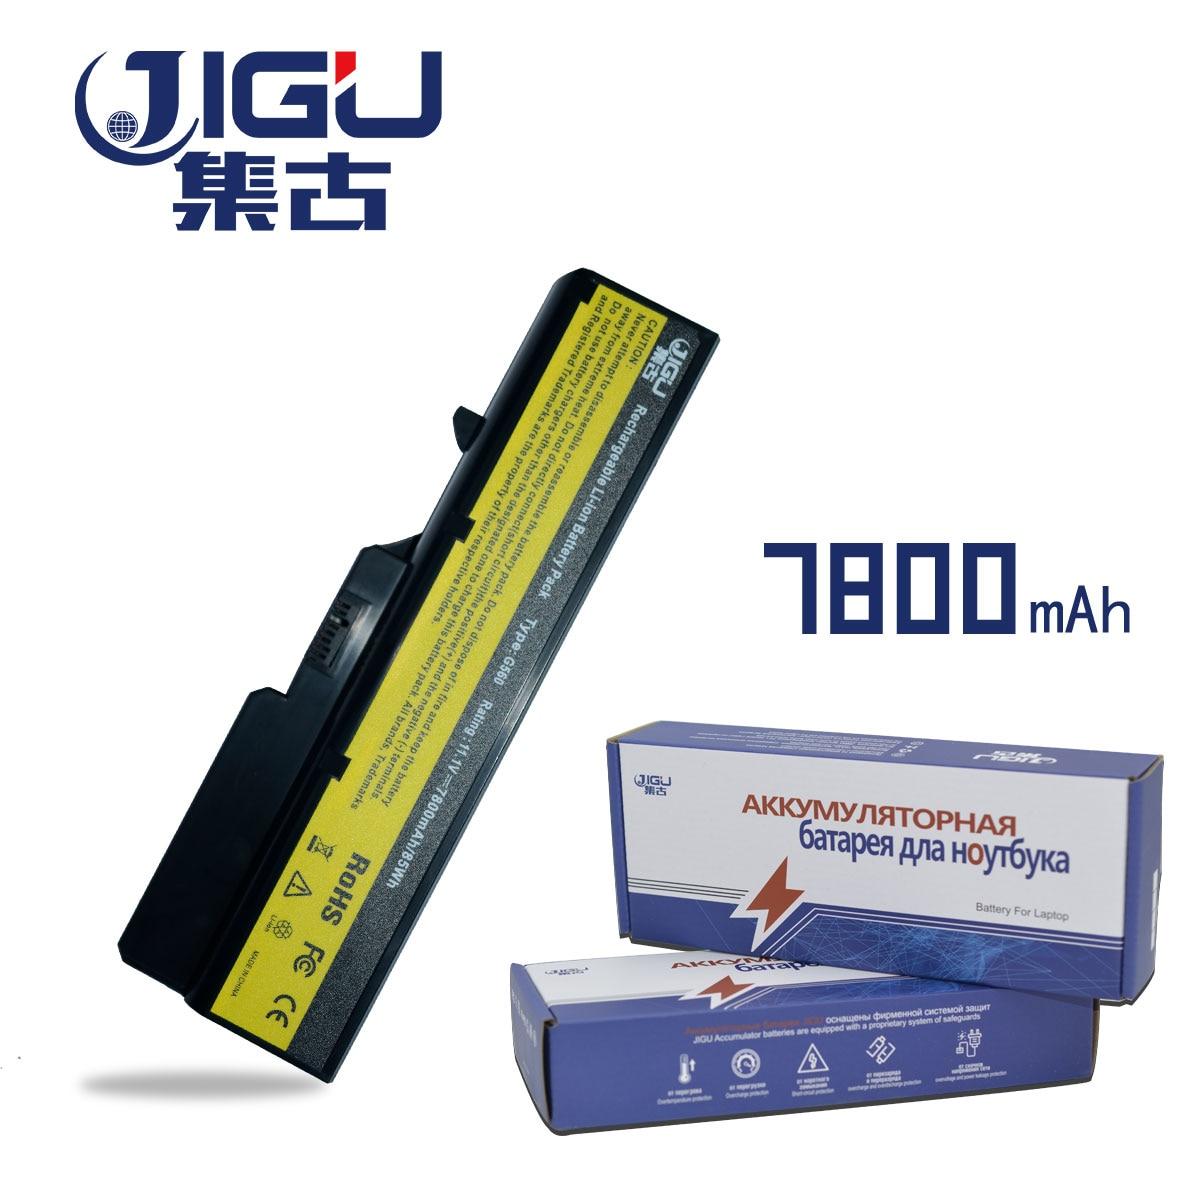 JIGU Latpop Battery For Lenovo For L09L6Y02 L09N6Y02 L09S6Y02 L10C6Y02 L10M6F21 L10P6F21 L10P6Y22 57Y6454 IdeaPad G460L